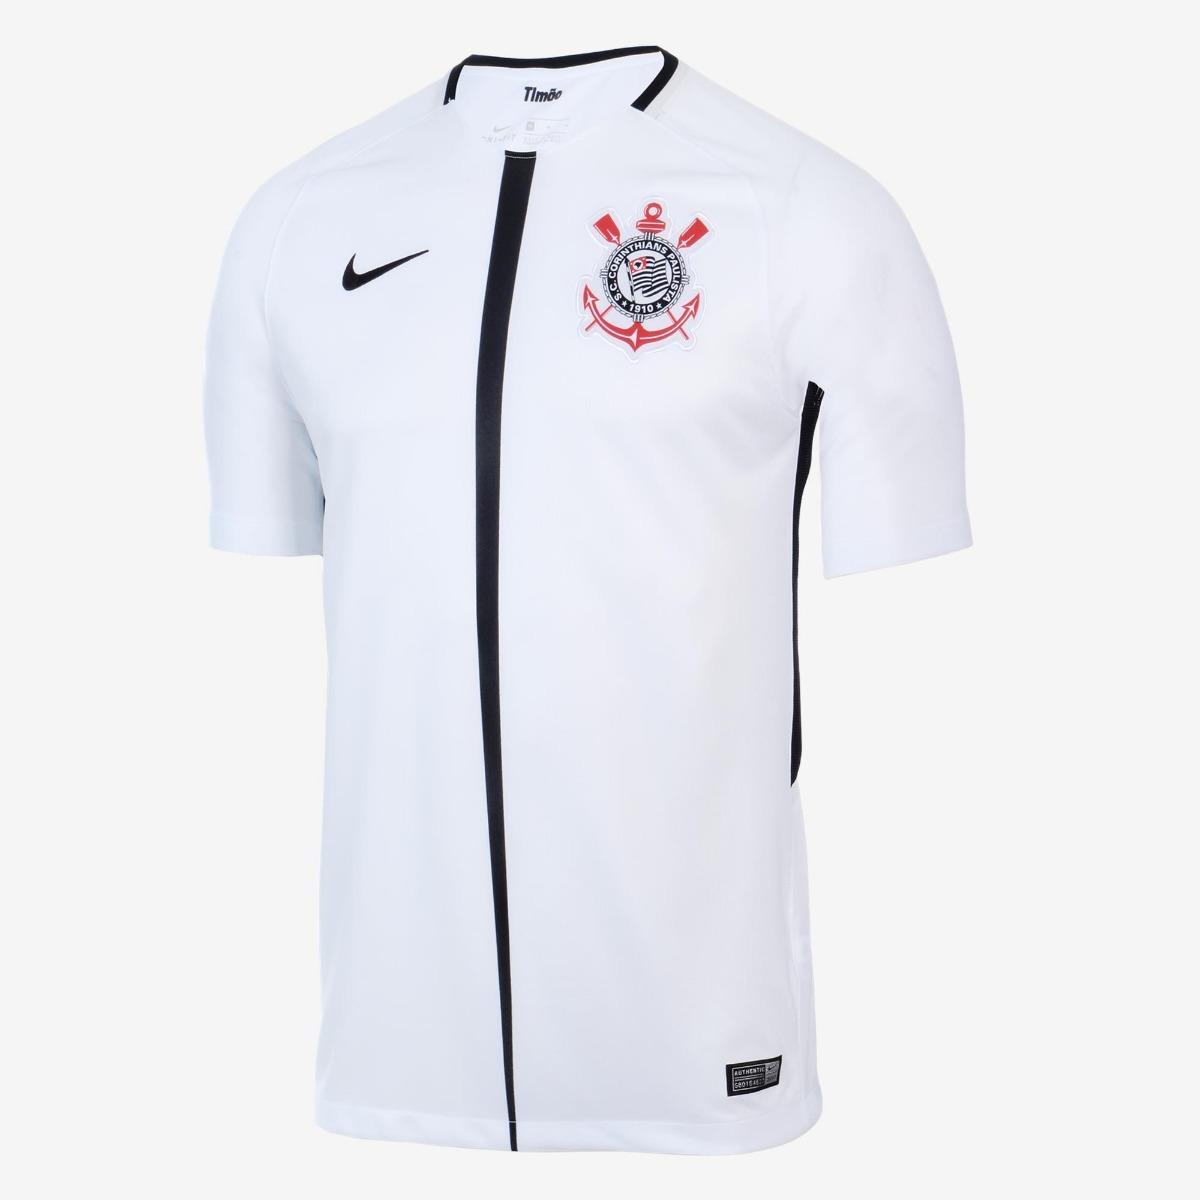 215f506c1f Camisa Corinthians 2017/18 S/nº Promoção Relâmpago - R$ 99,90 em Mercado  Livre